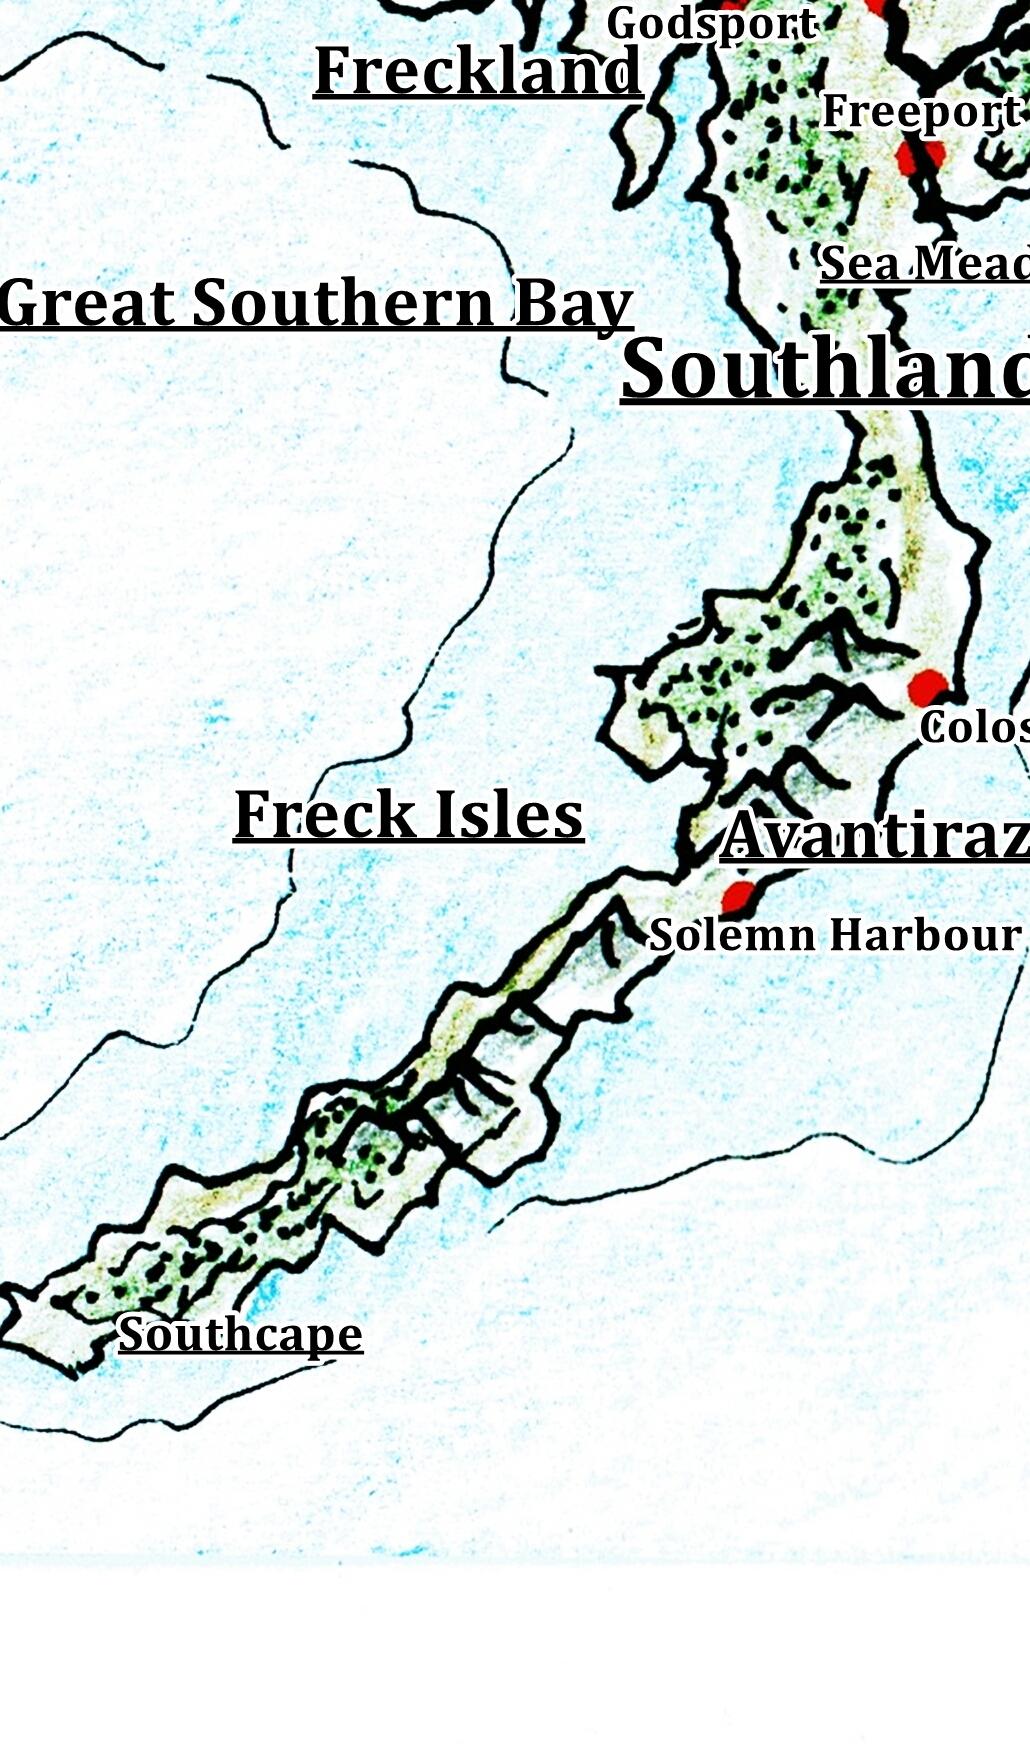 Avaltirazar's Cliffs